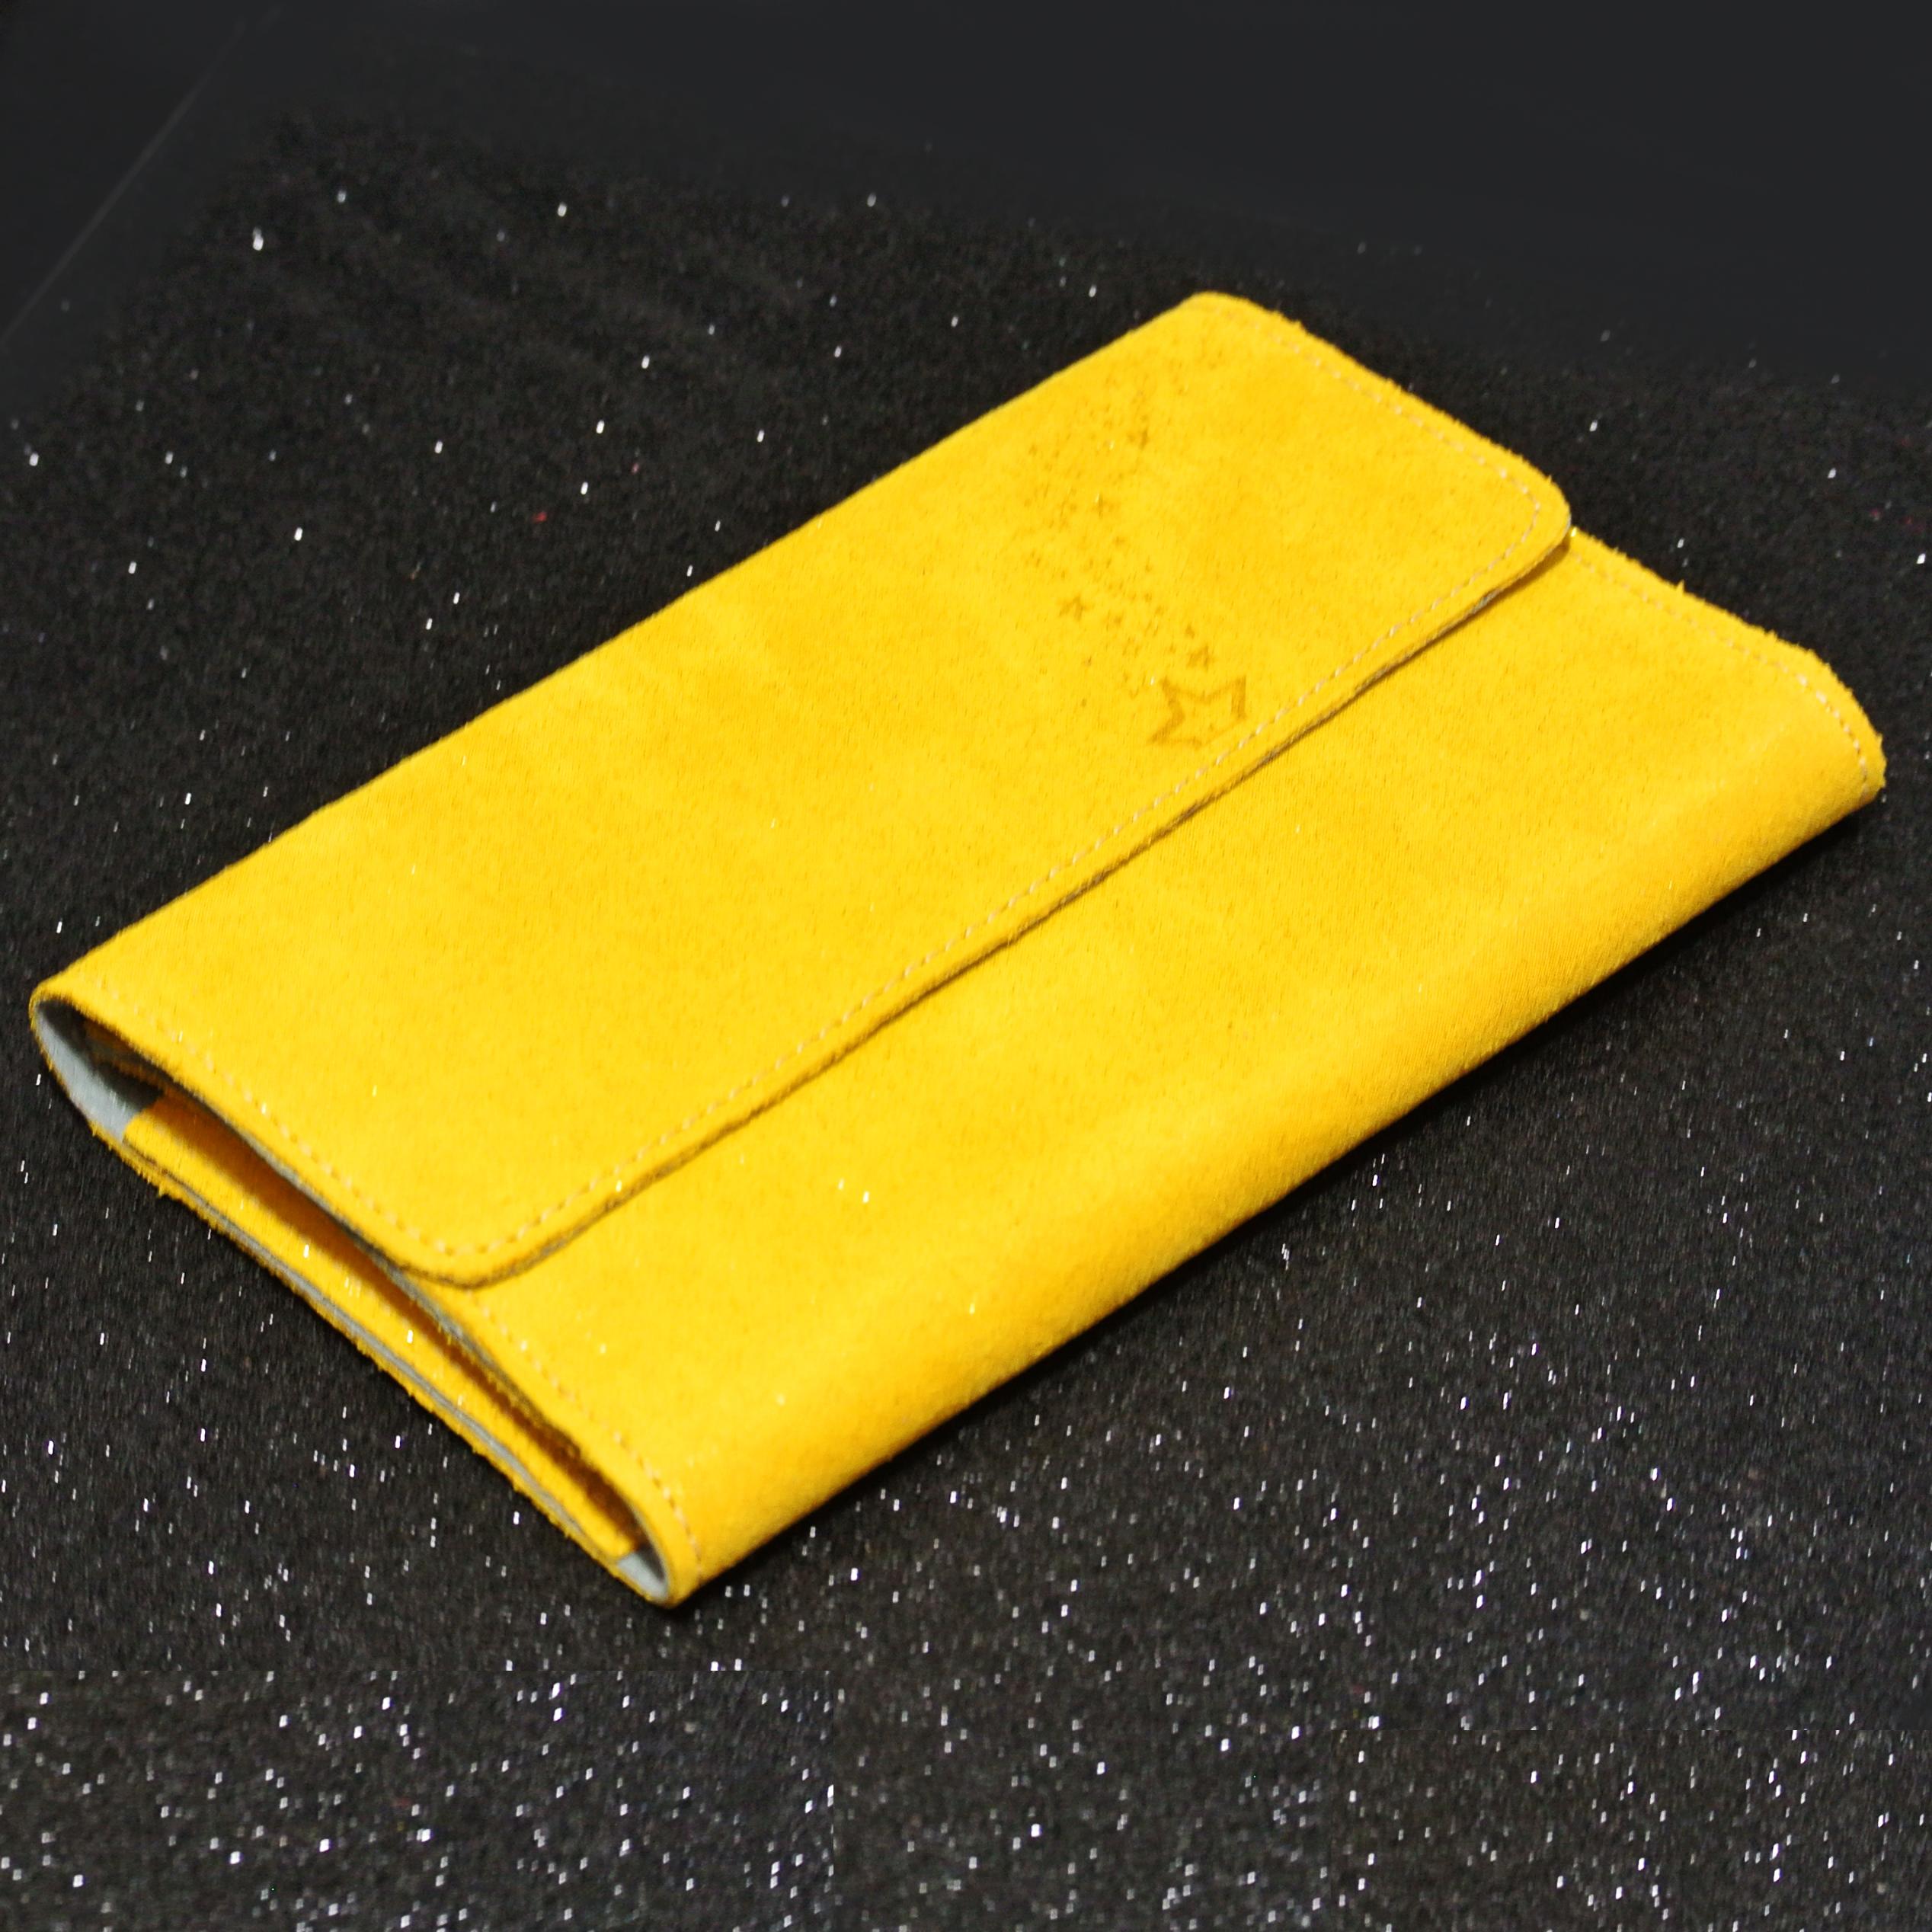 Joli et indispensable porte feuille compagnon, en cuir pailleté, La cartablière, made in France, jaune safran